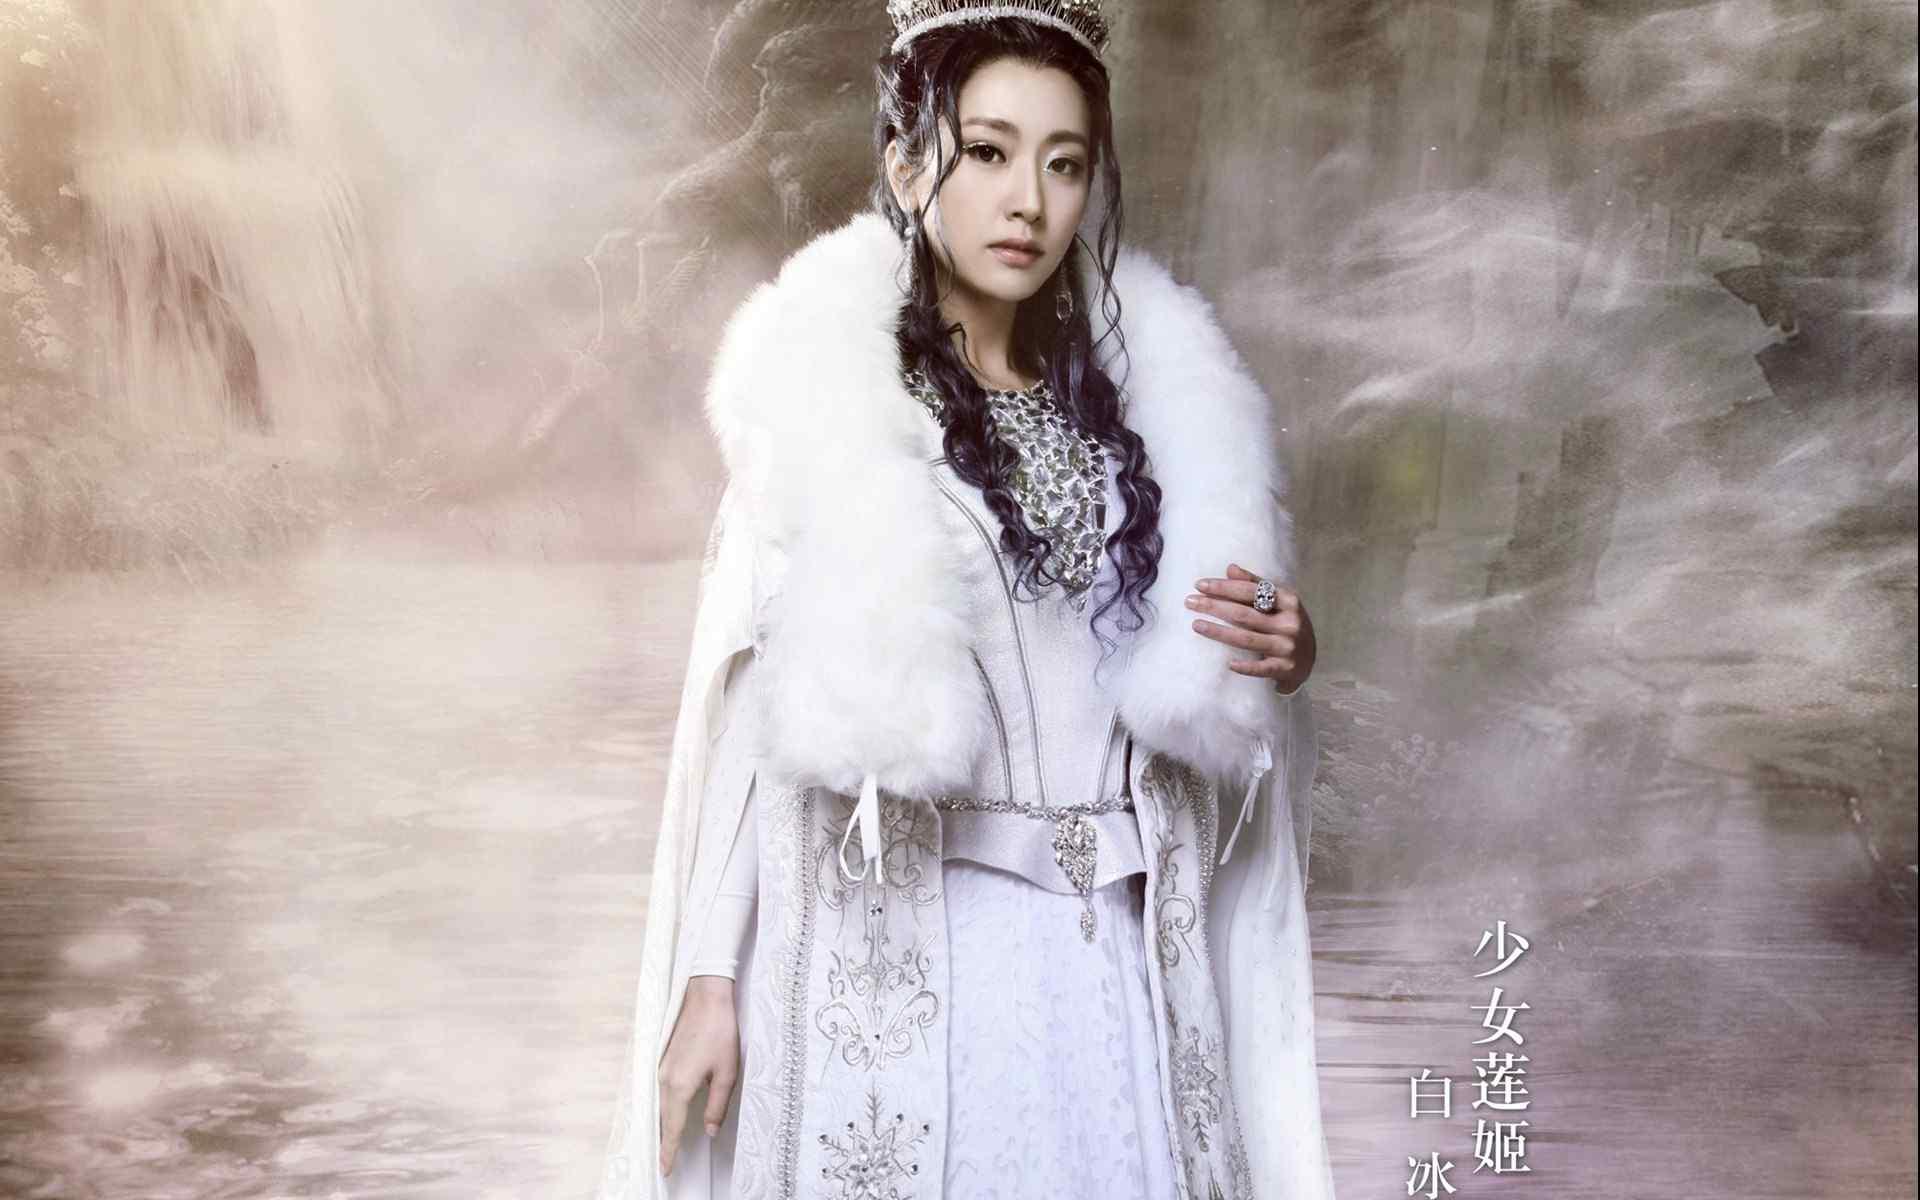 幻城莲姬高清壁纸